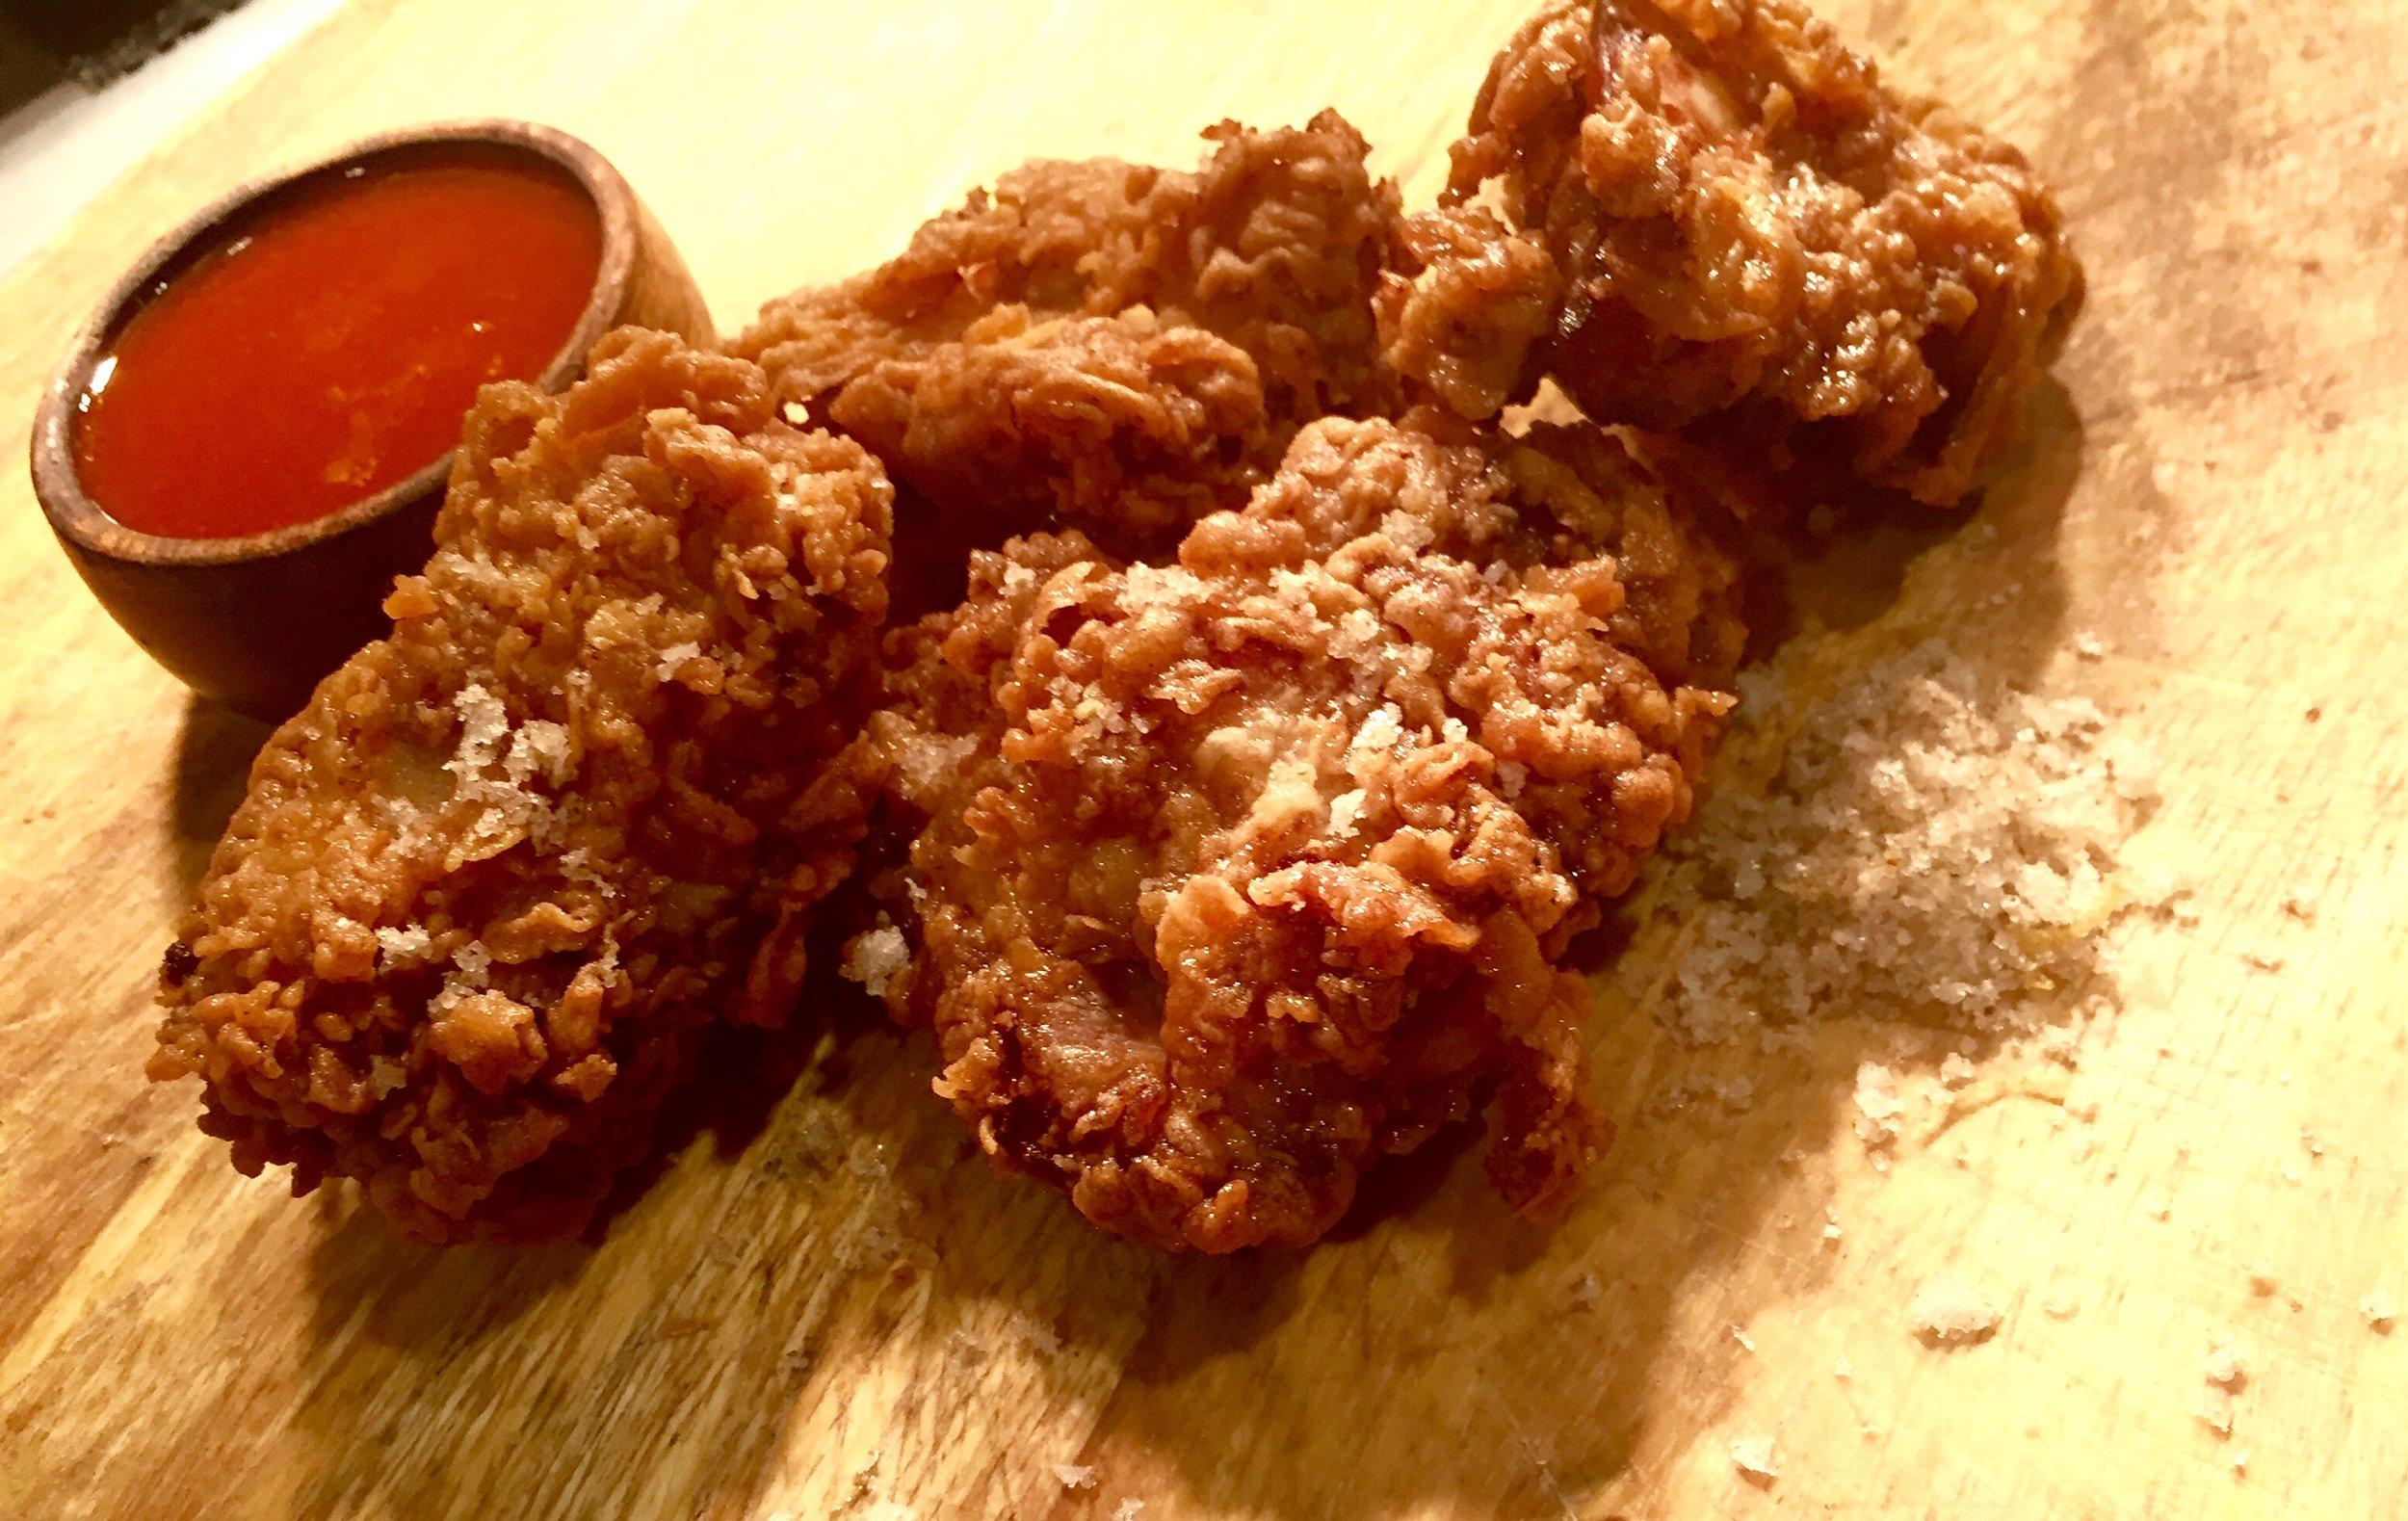 Fried Chicken with Citrus & Fennel Salt